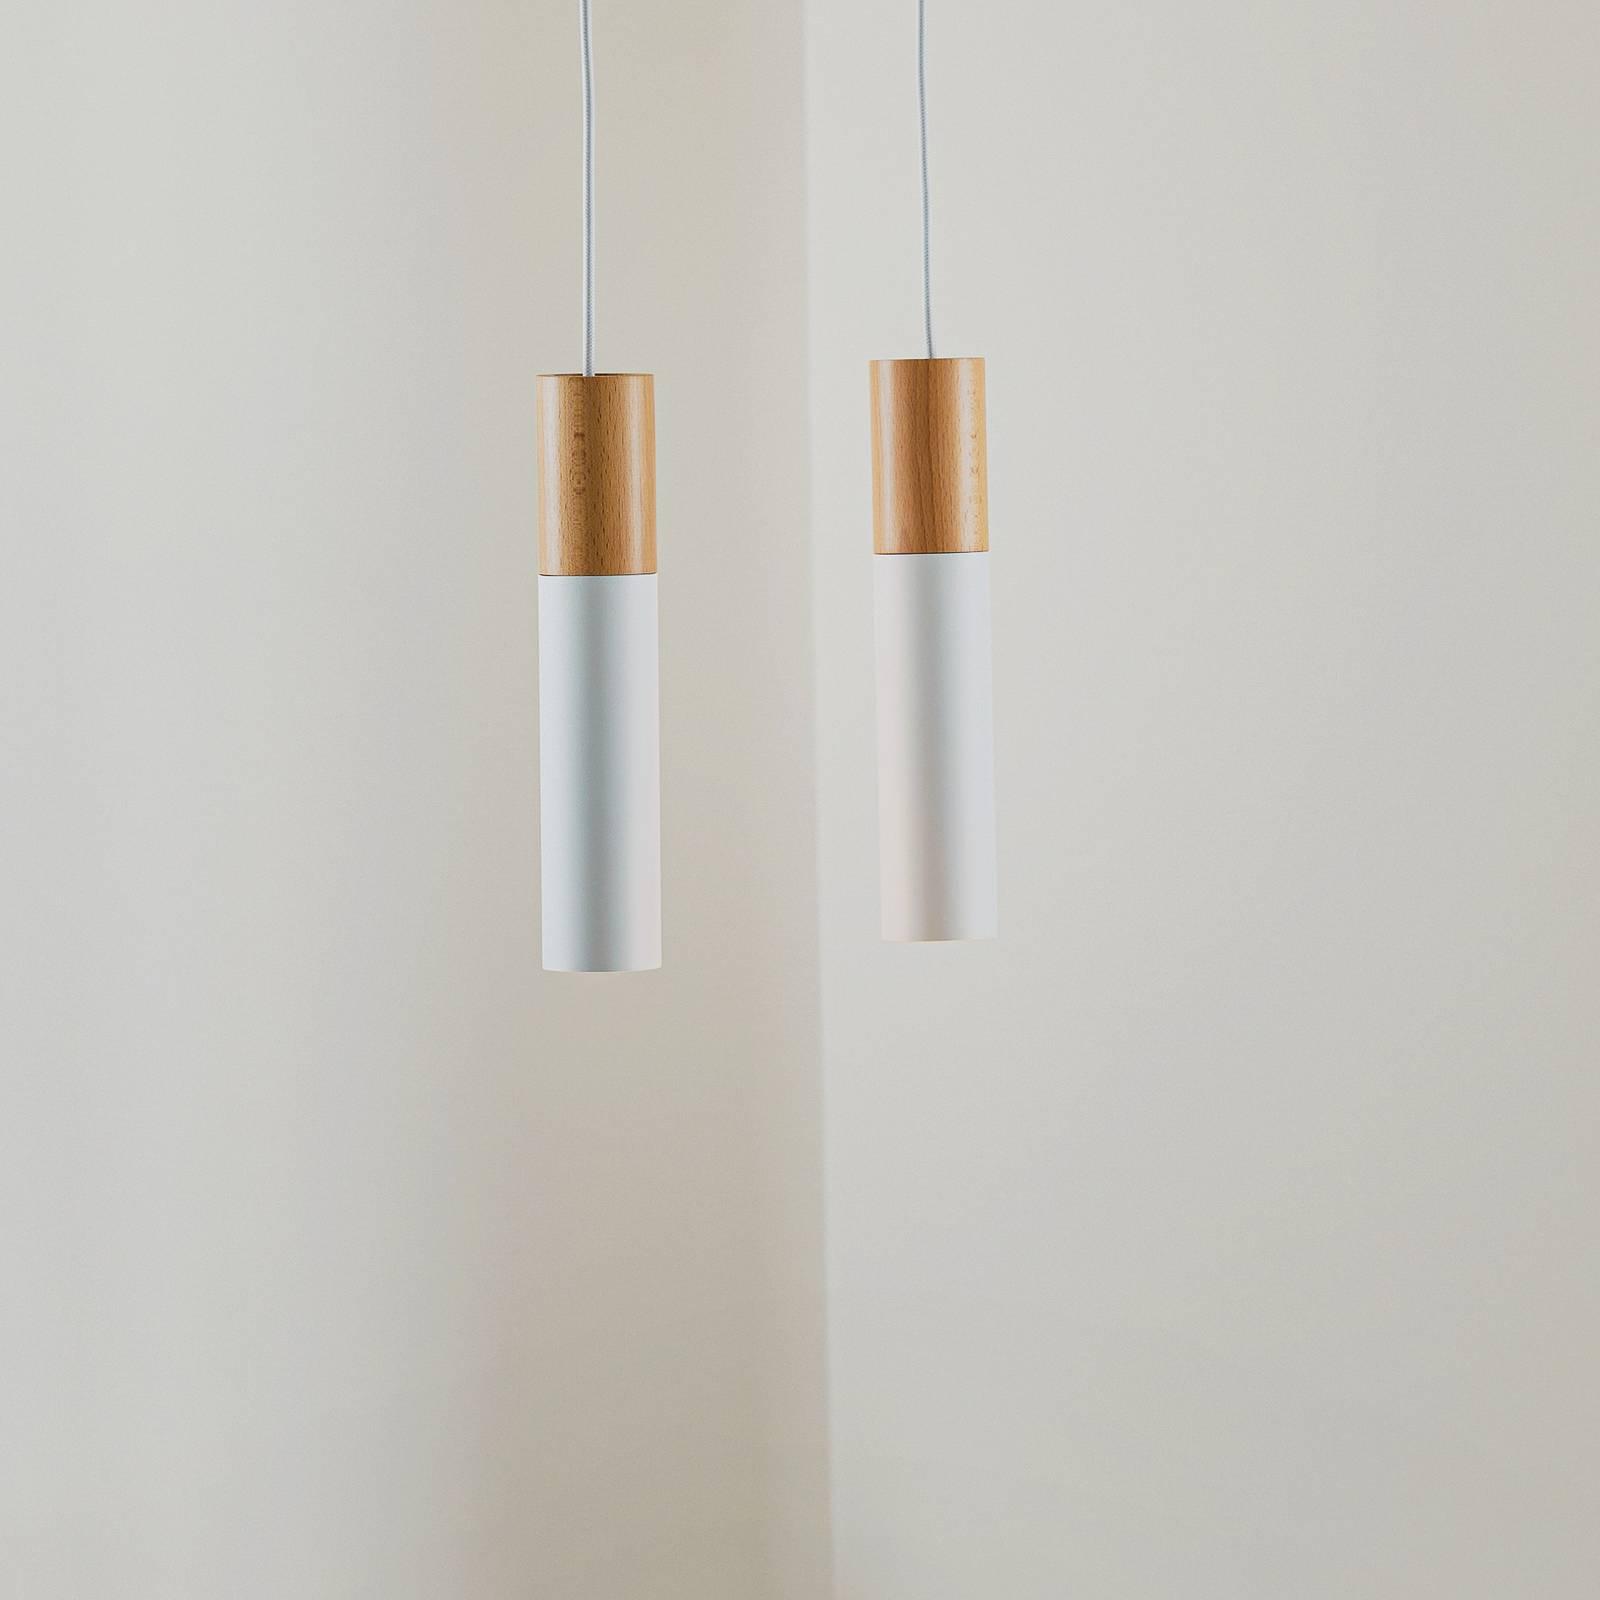 Riippuvalaisin Tube, puu, valkoinen, 2-lamppuinen